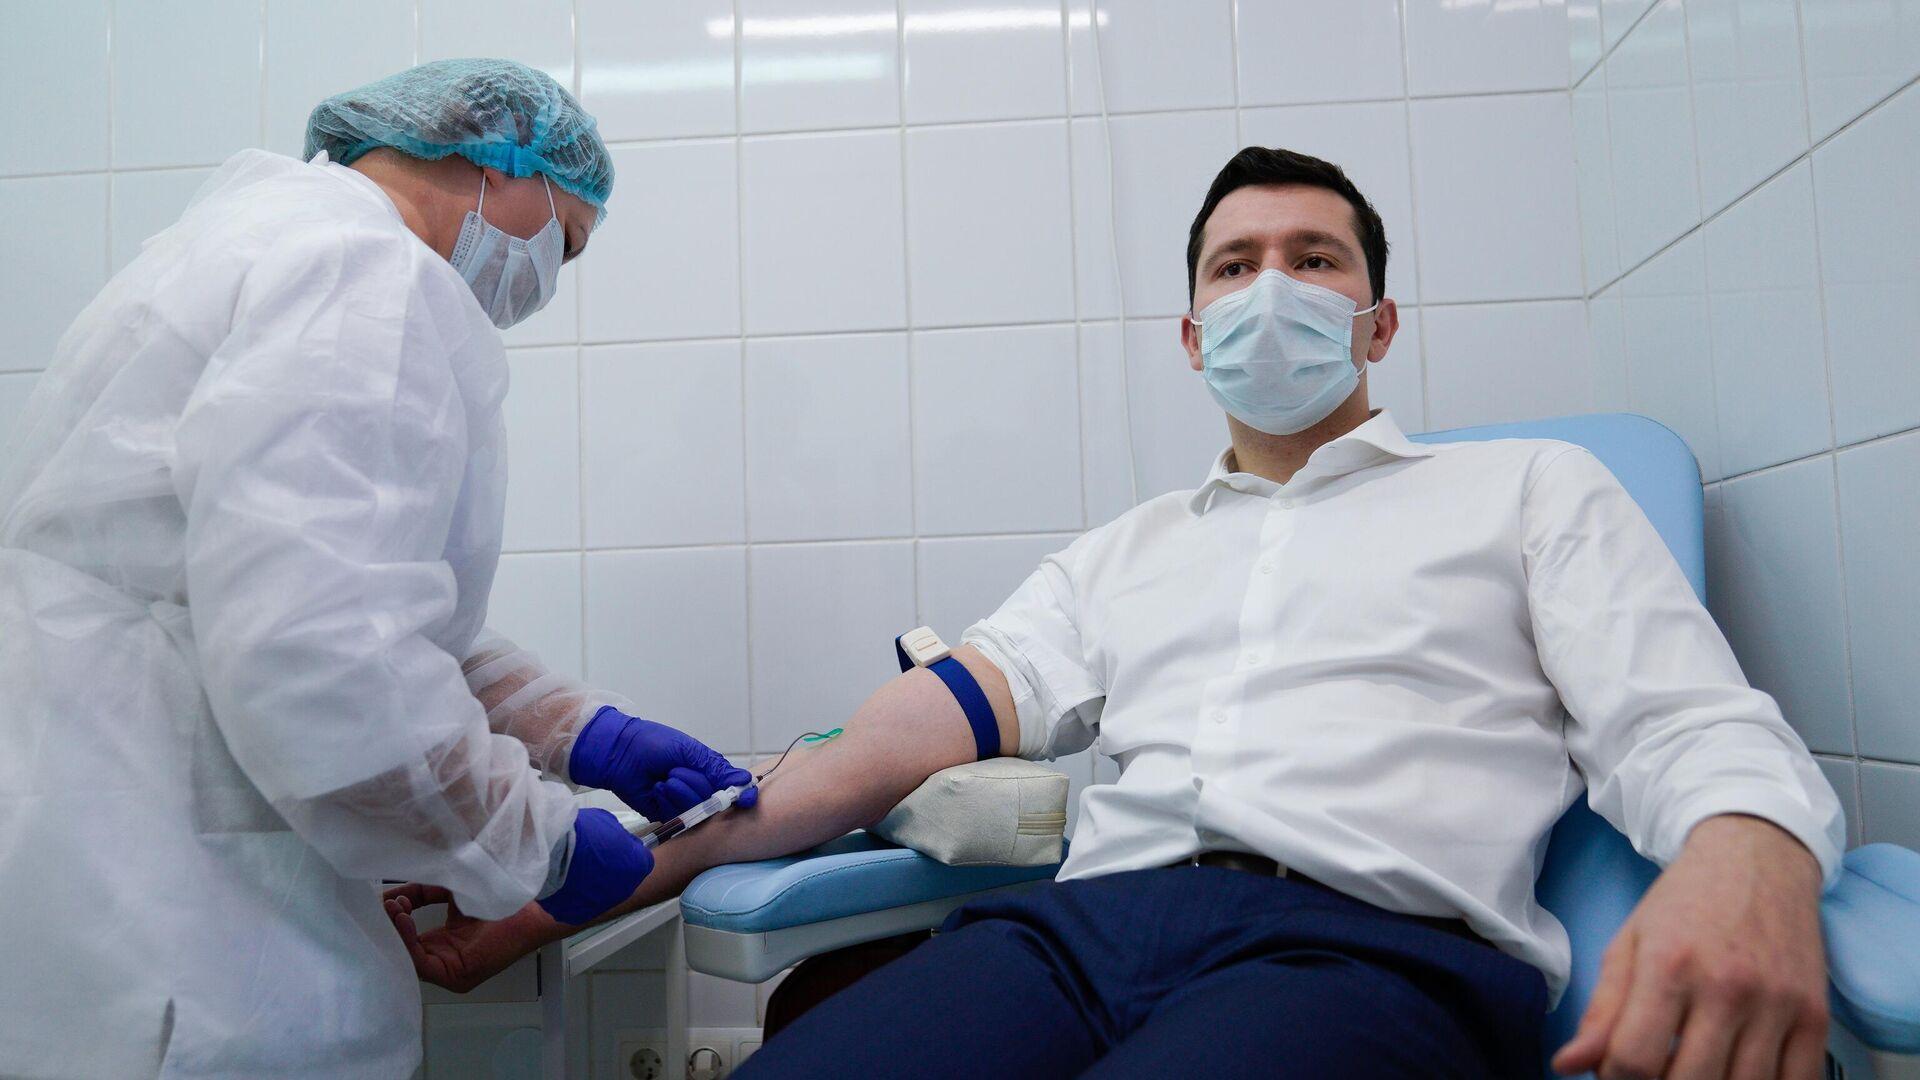 Губернатор Калининградской области Антон Алиханов сдает кровь перед вакцинацией от коронавируса в Калининграде - РИА Новости, 1920, 03.12.2020